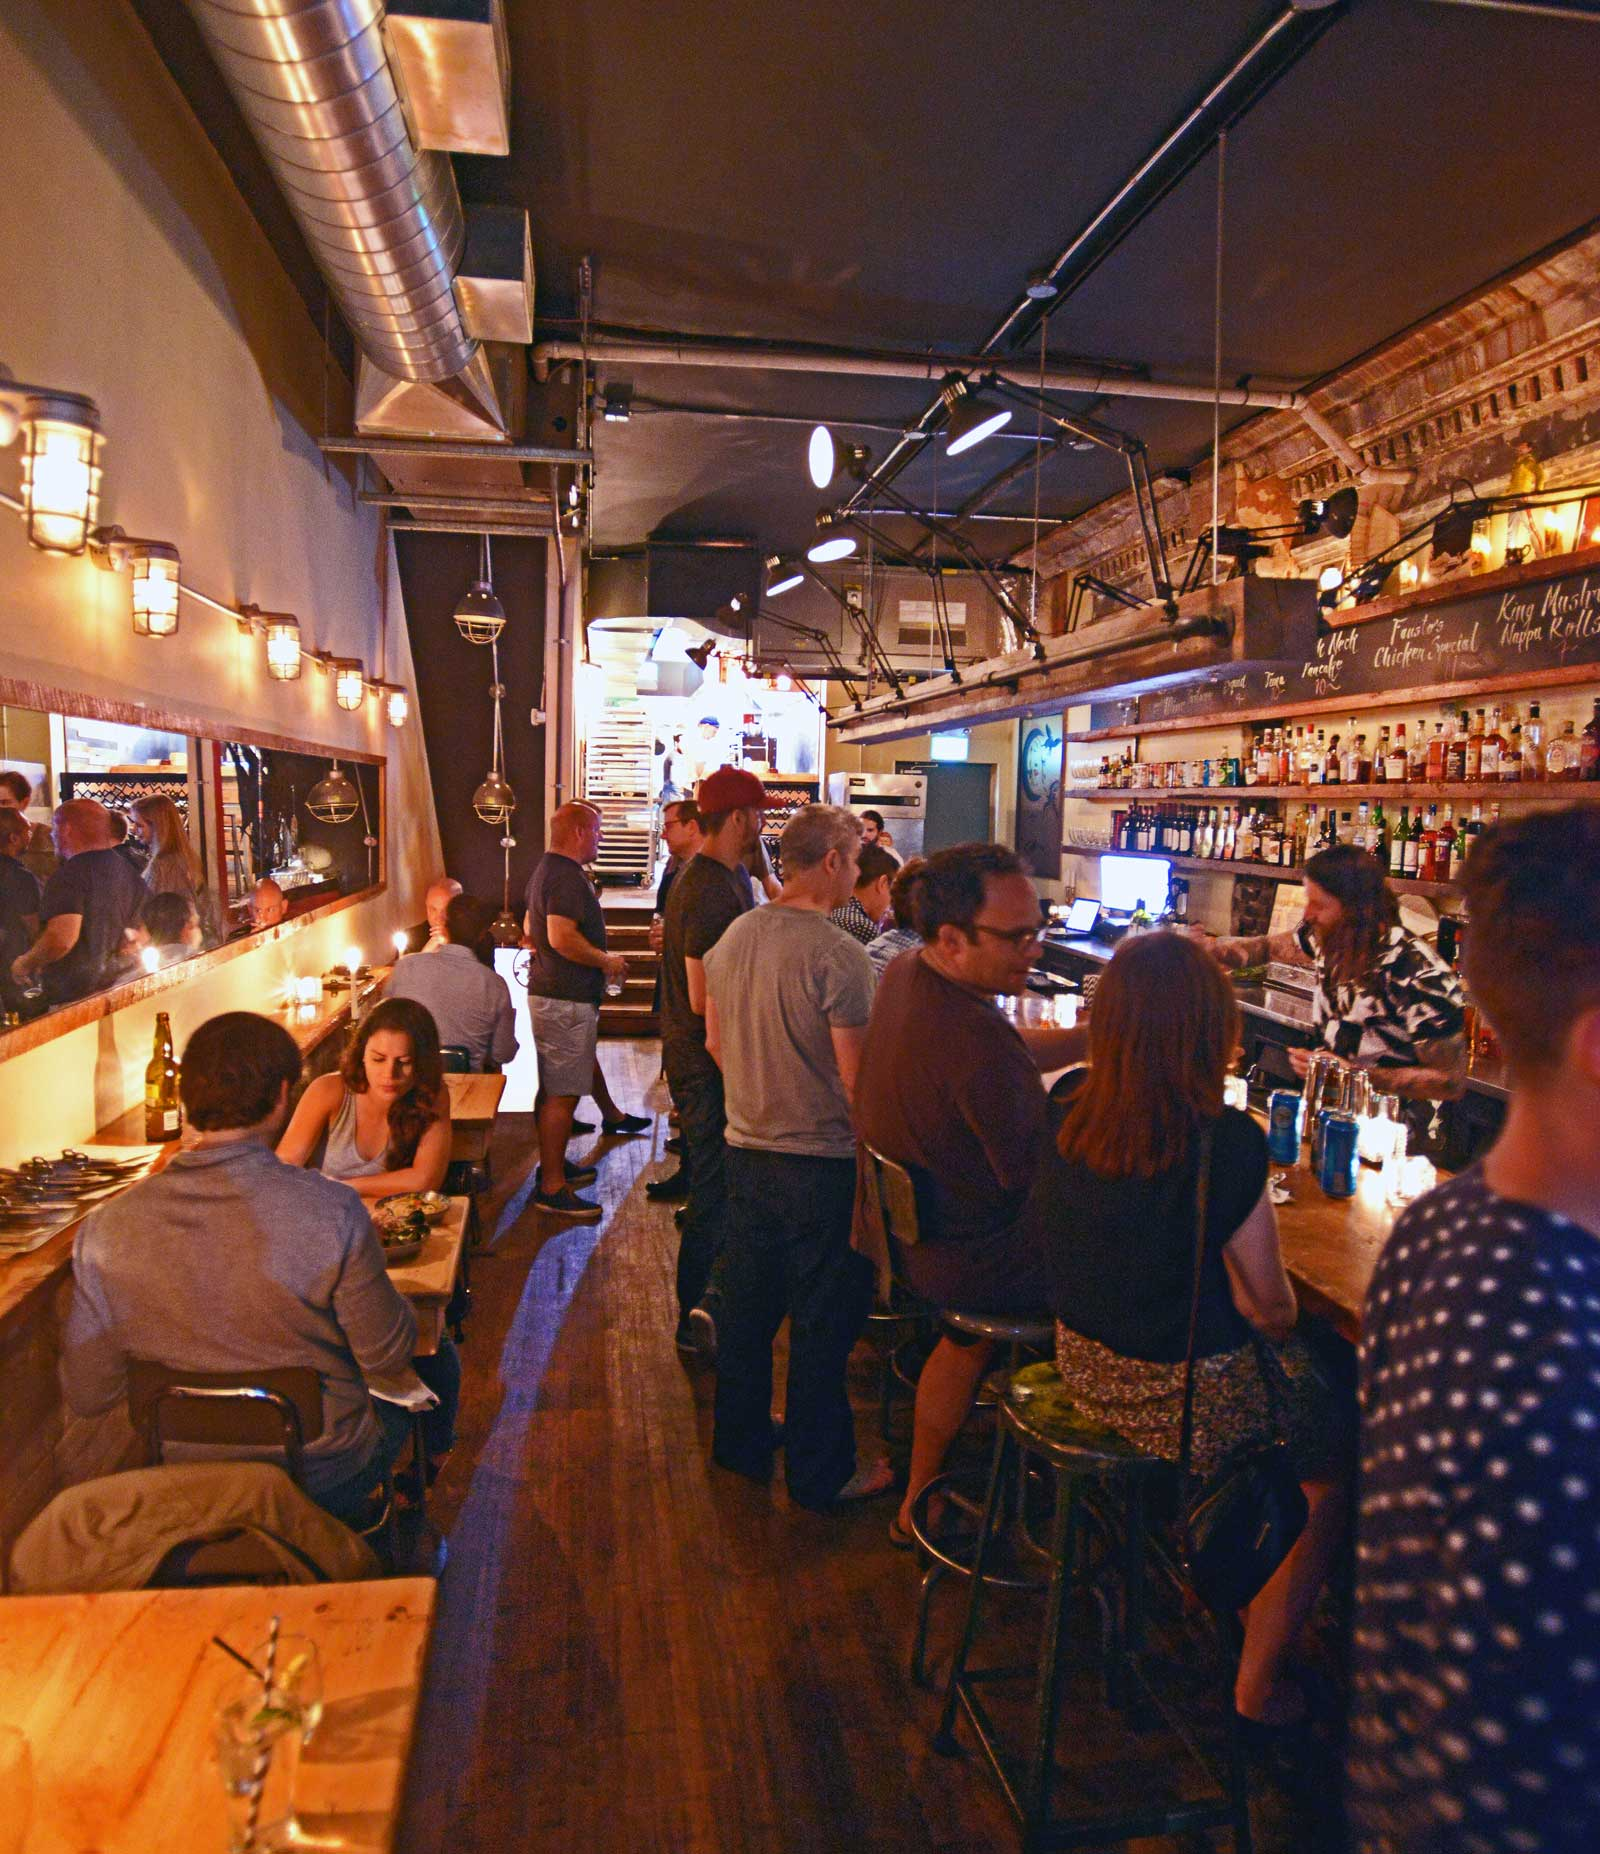 Pinkerton's Snack Bar